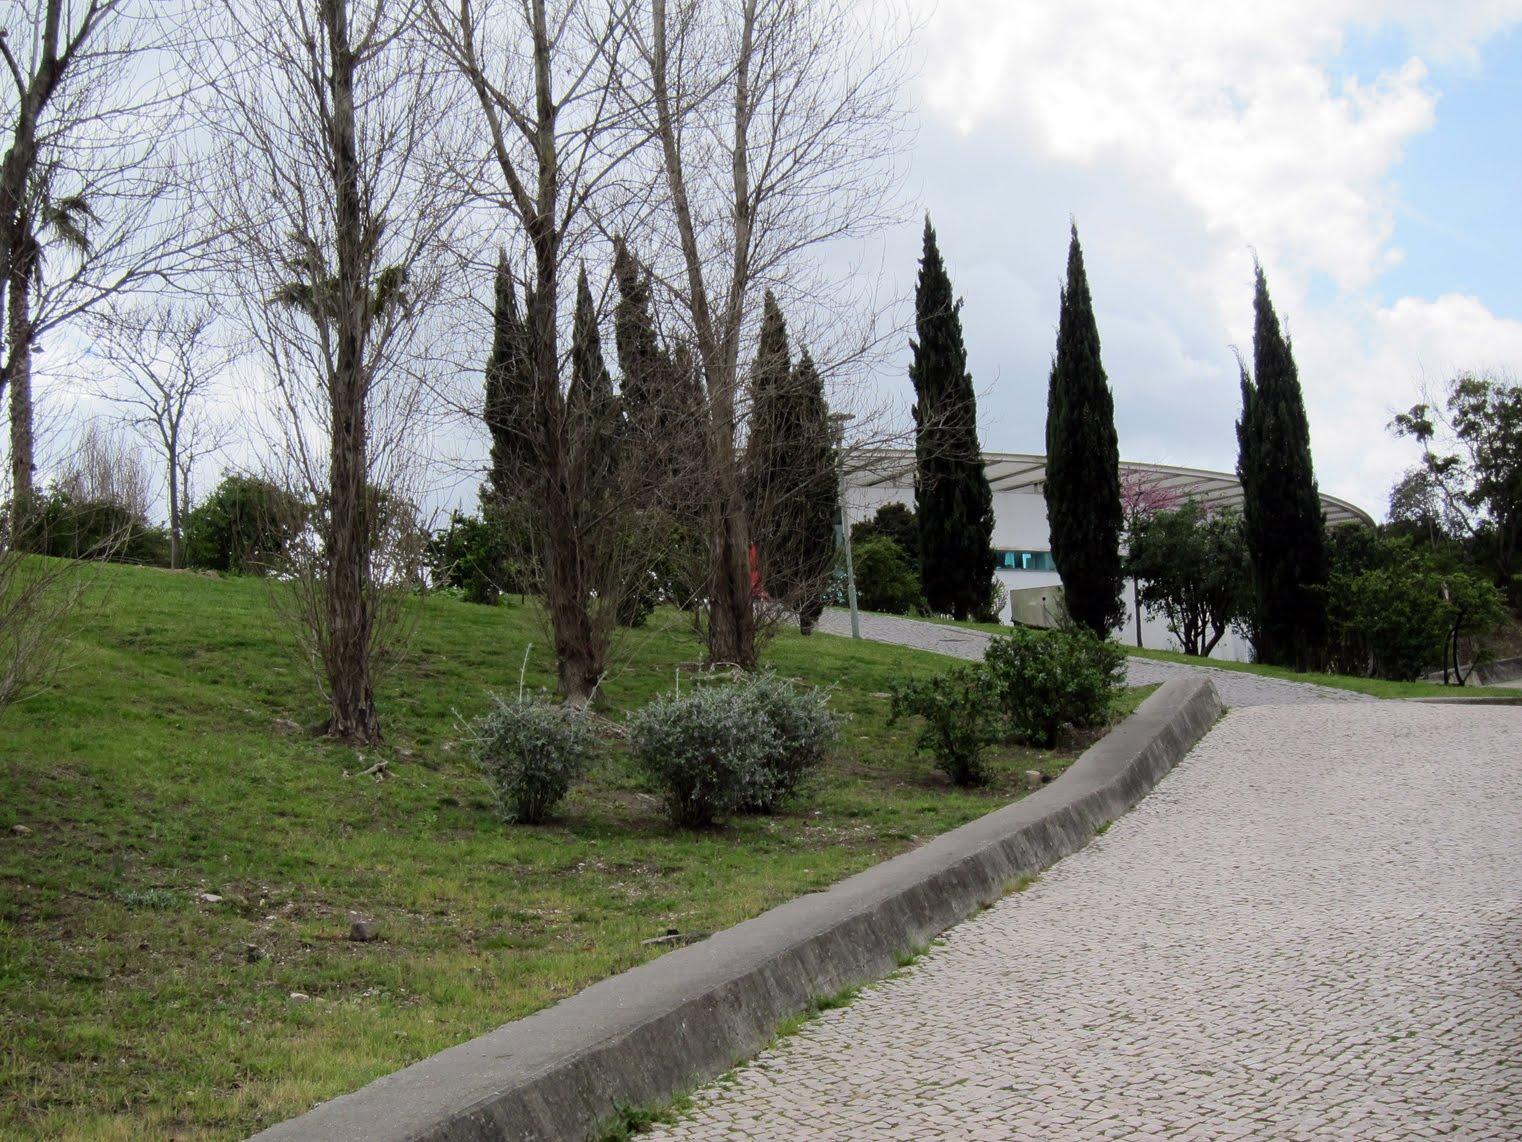 http://1.bp.blogspot.com/-vKd4HACRQ4g/TY-NThCRsGI/AAAAAAAAASE/l1dbcCL1b8U/s1600/Lisboa%2B17.jpg